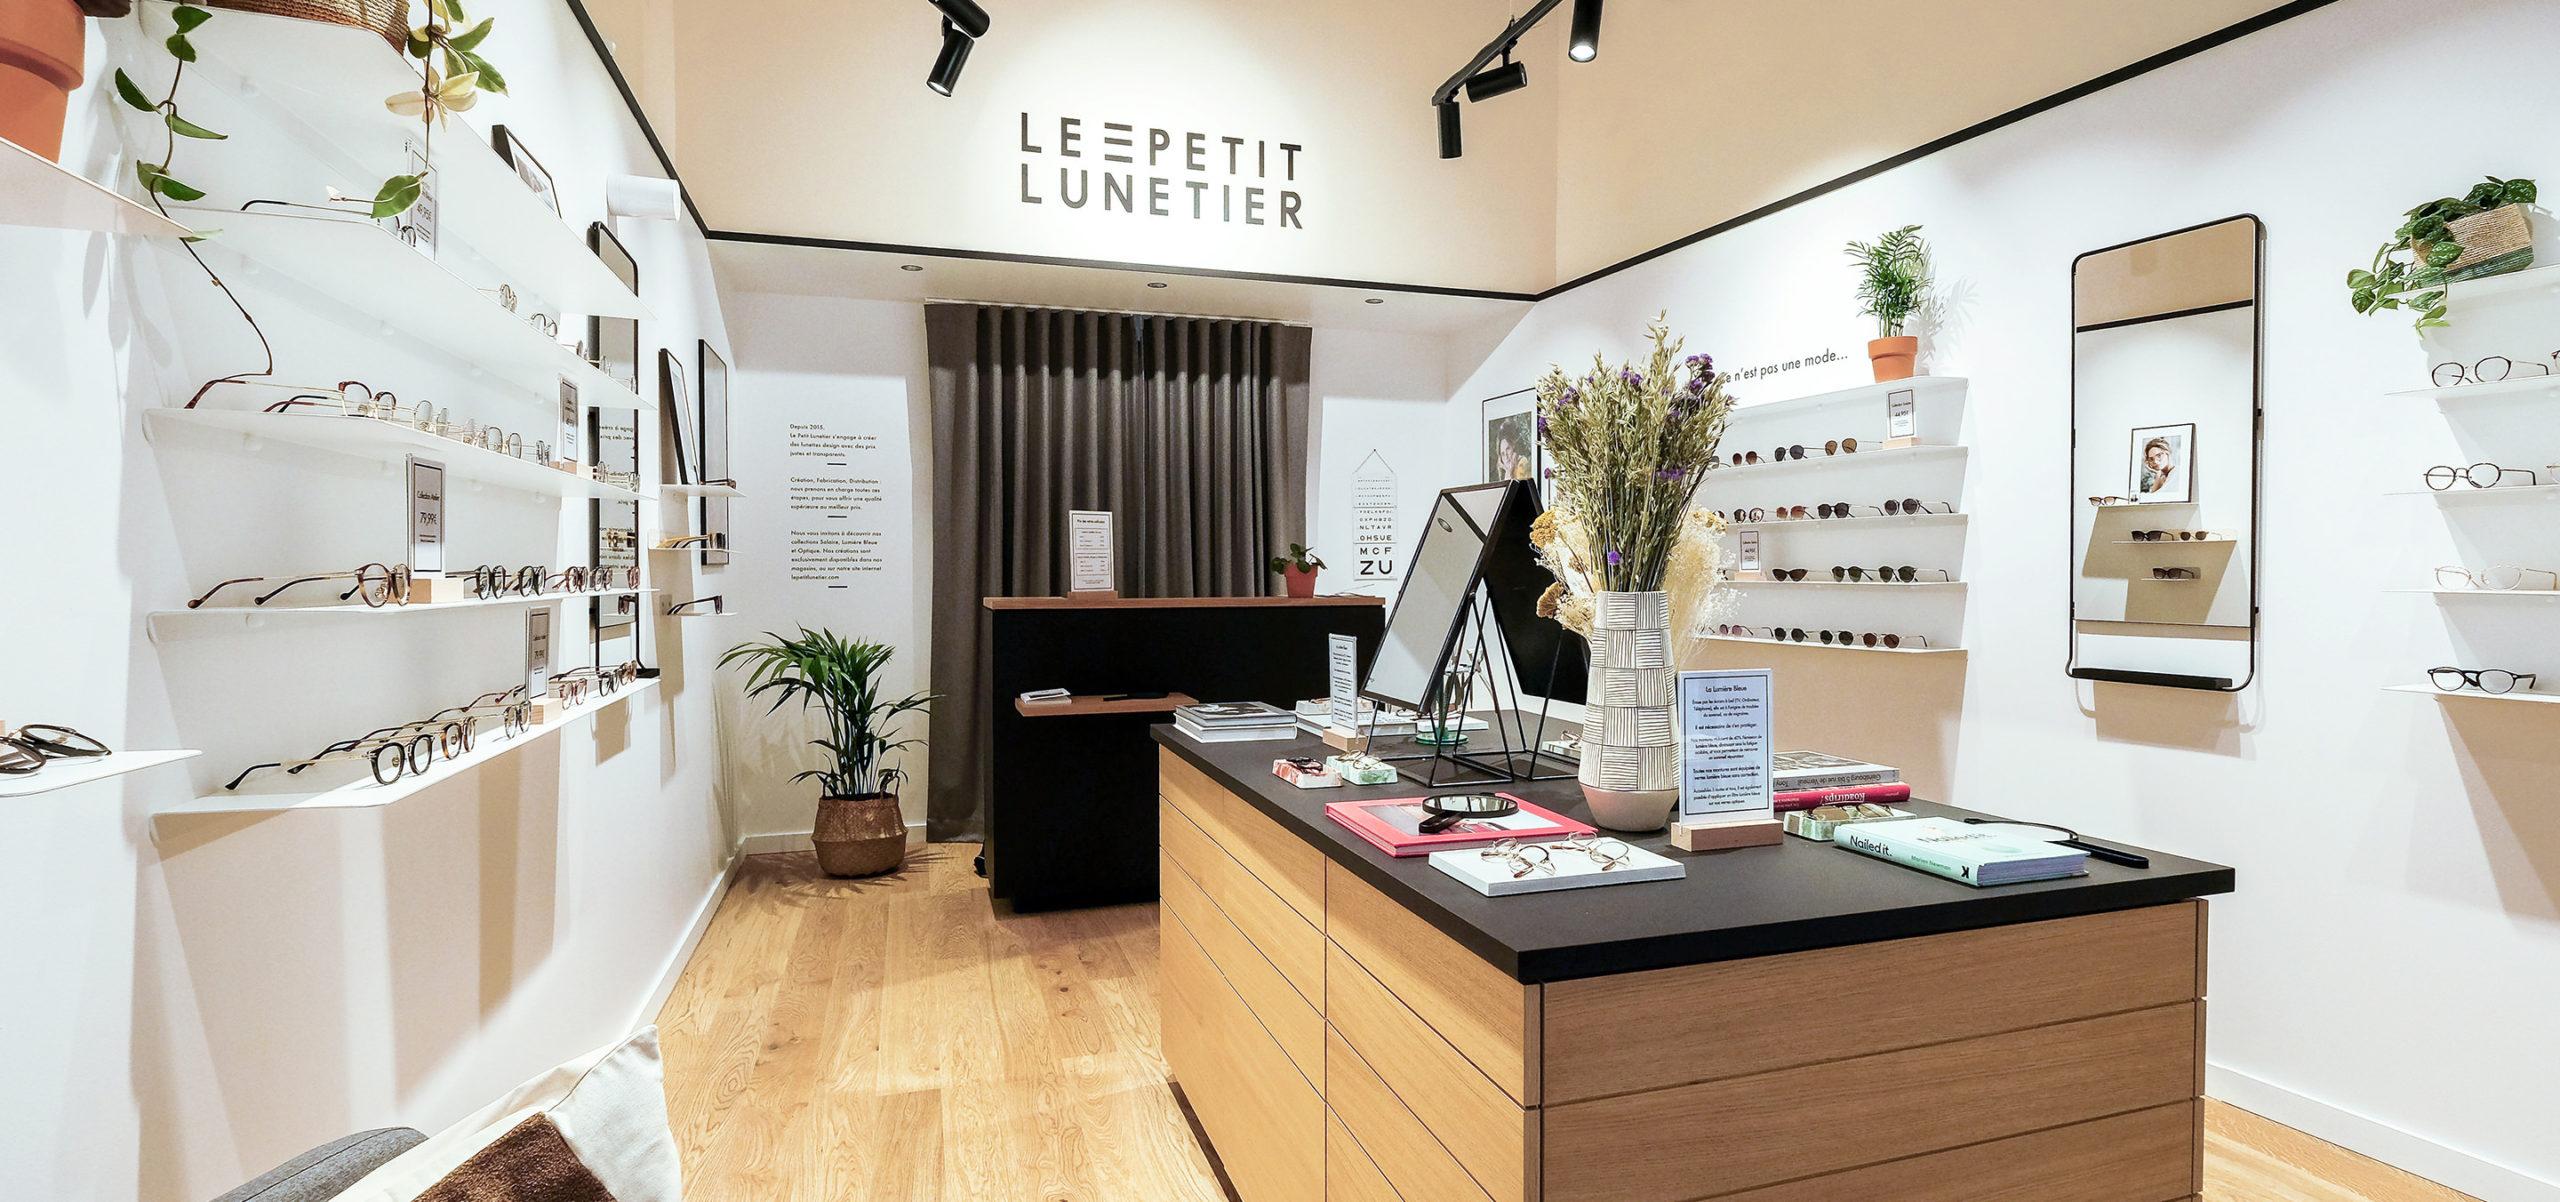 Label Experience : vue d'ensemble de la boutique de lunettes Le Petit Lunetier à Toulouse